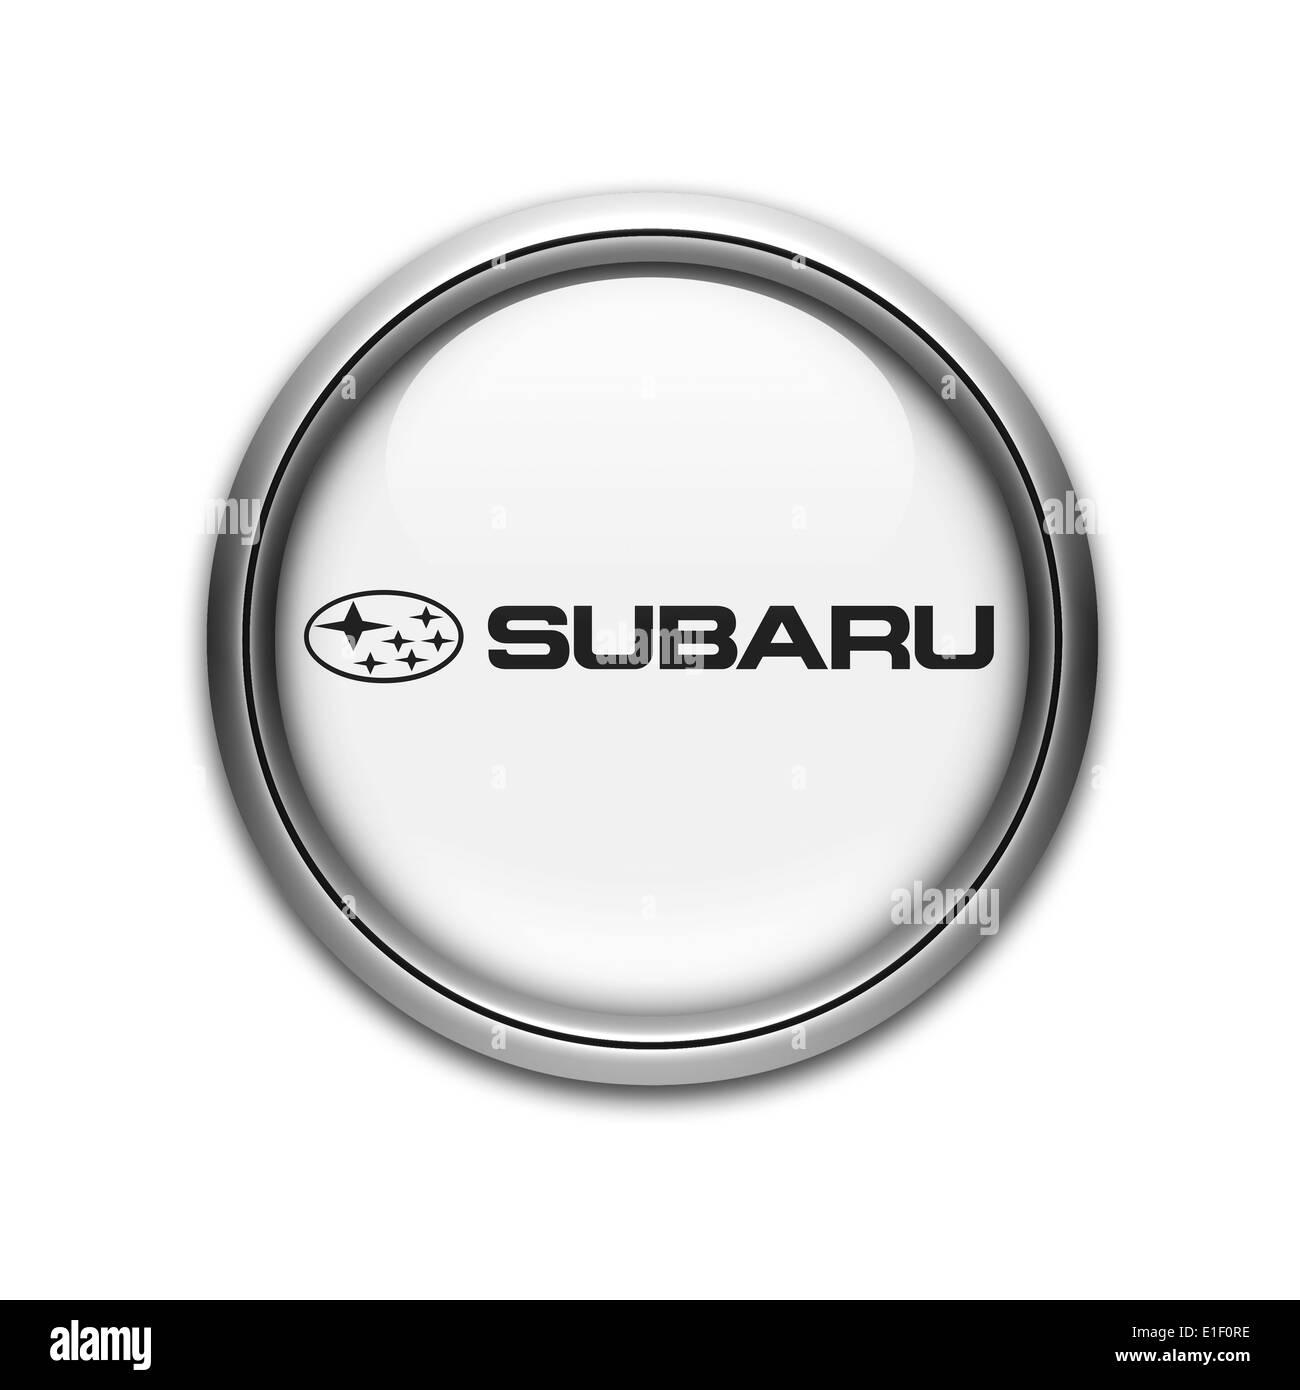 Subaru Logo Icon Flag Emblem Symbol Stock Photo 69786066 Alamy